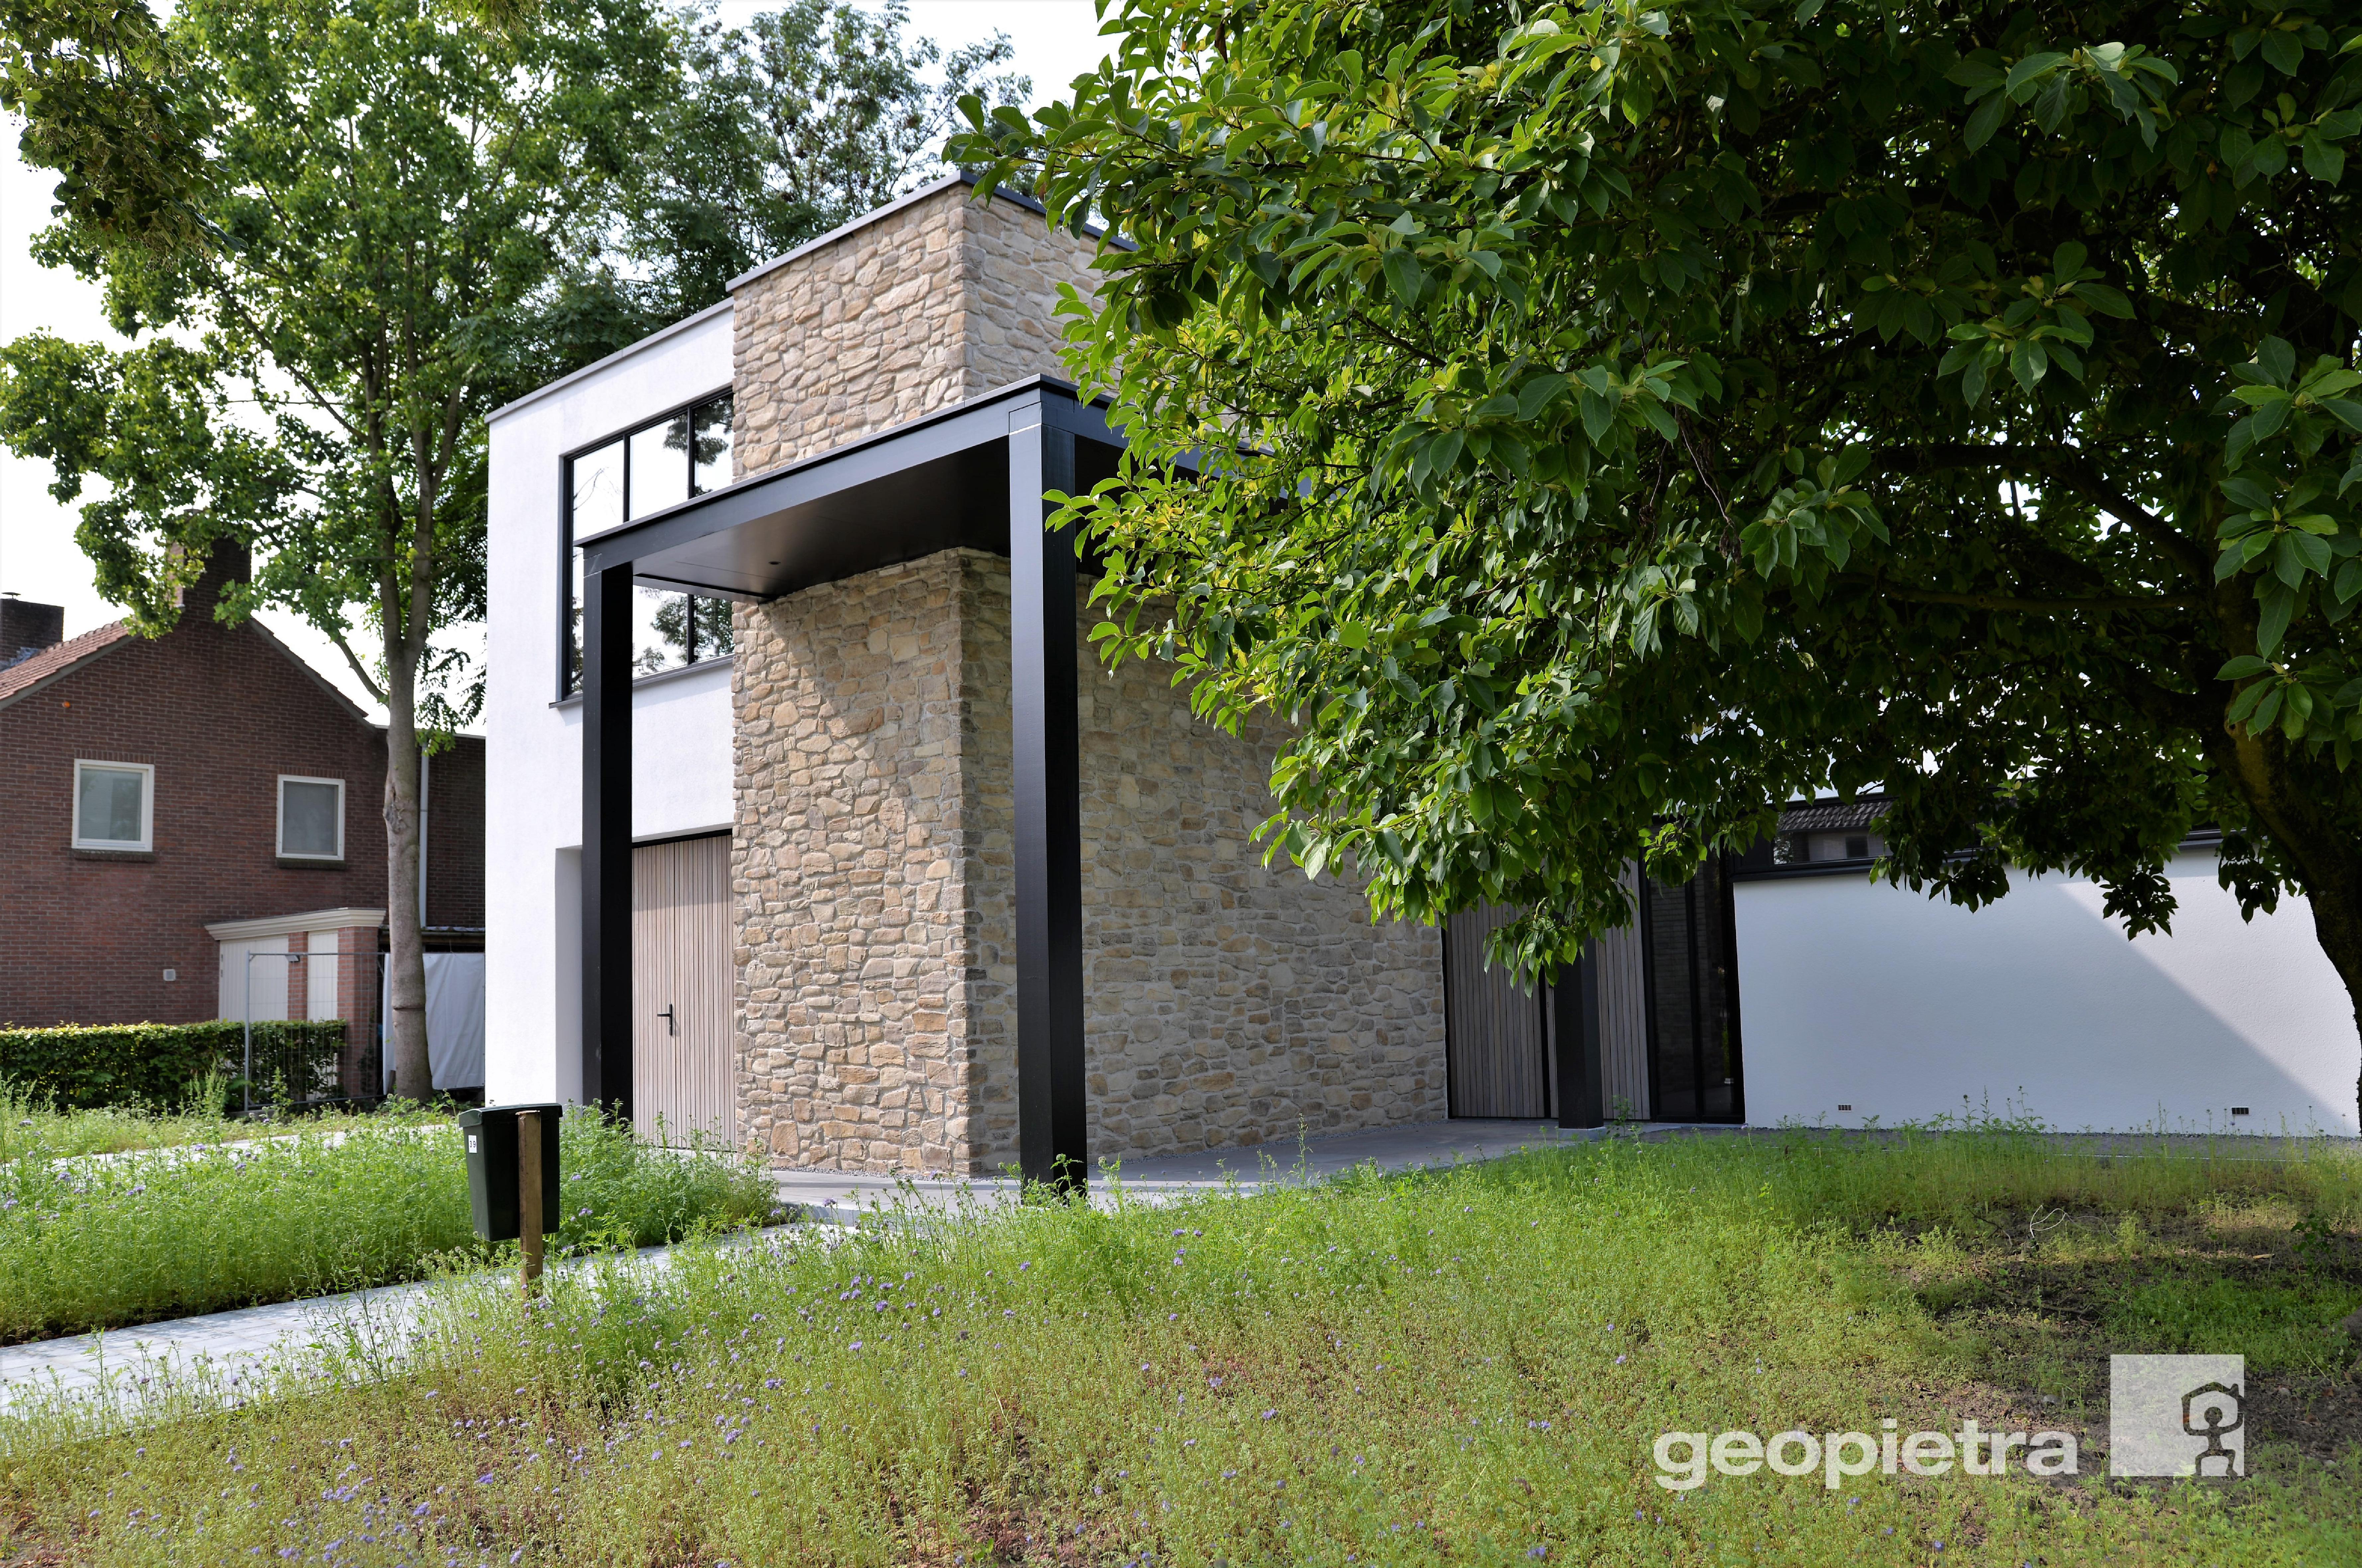 Architettura in pietra per Villa privata   Una casa ...